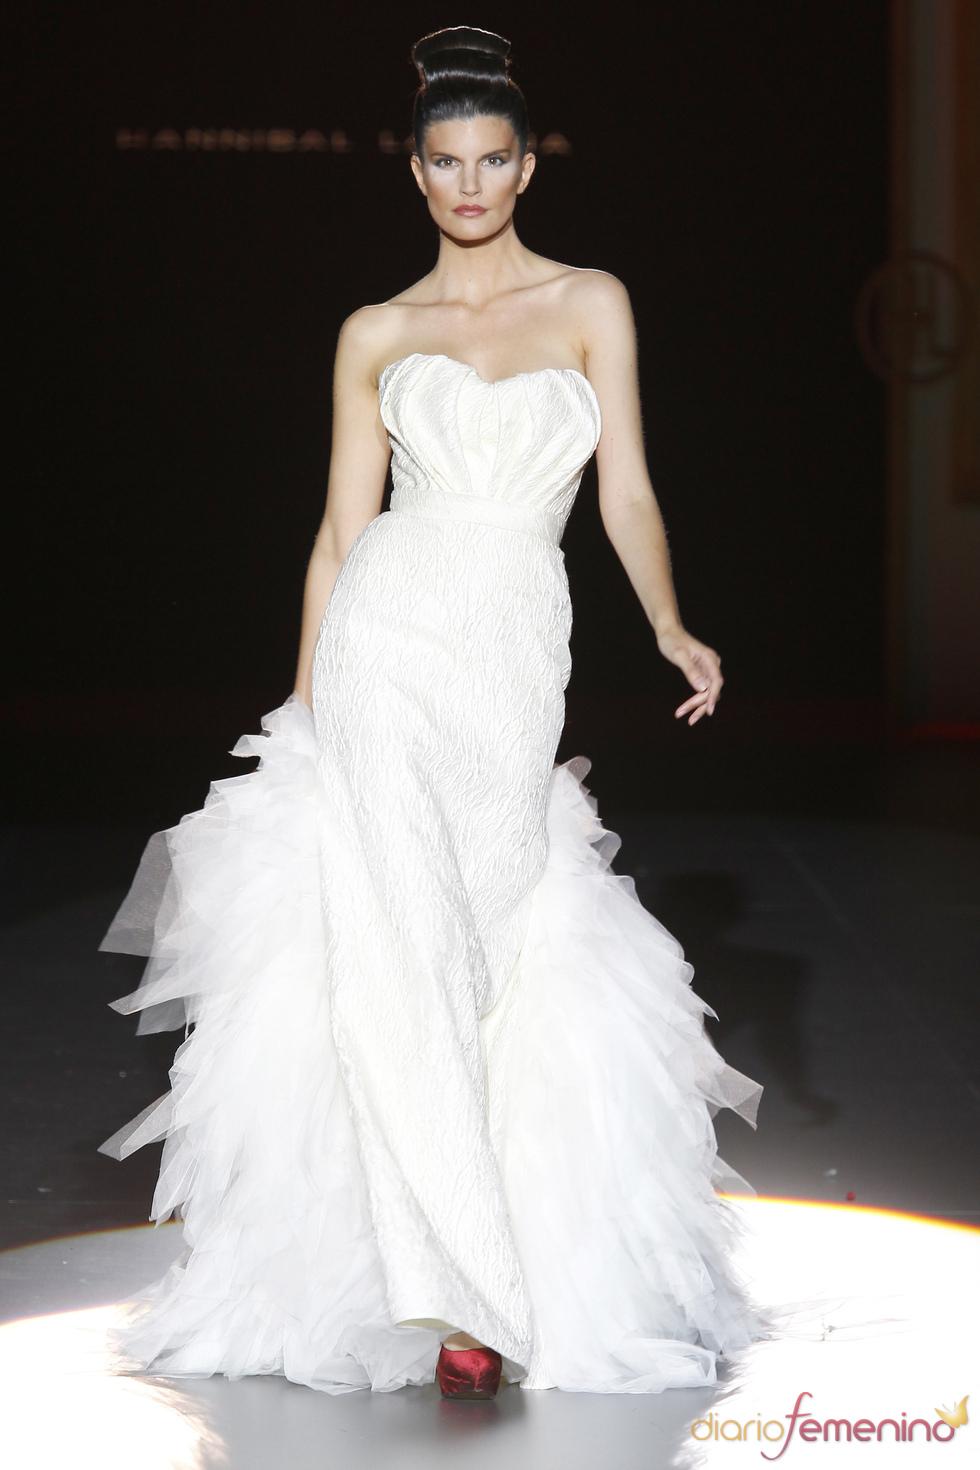 Vestido de novia con el sello de Hannibal Laguna